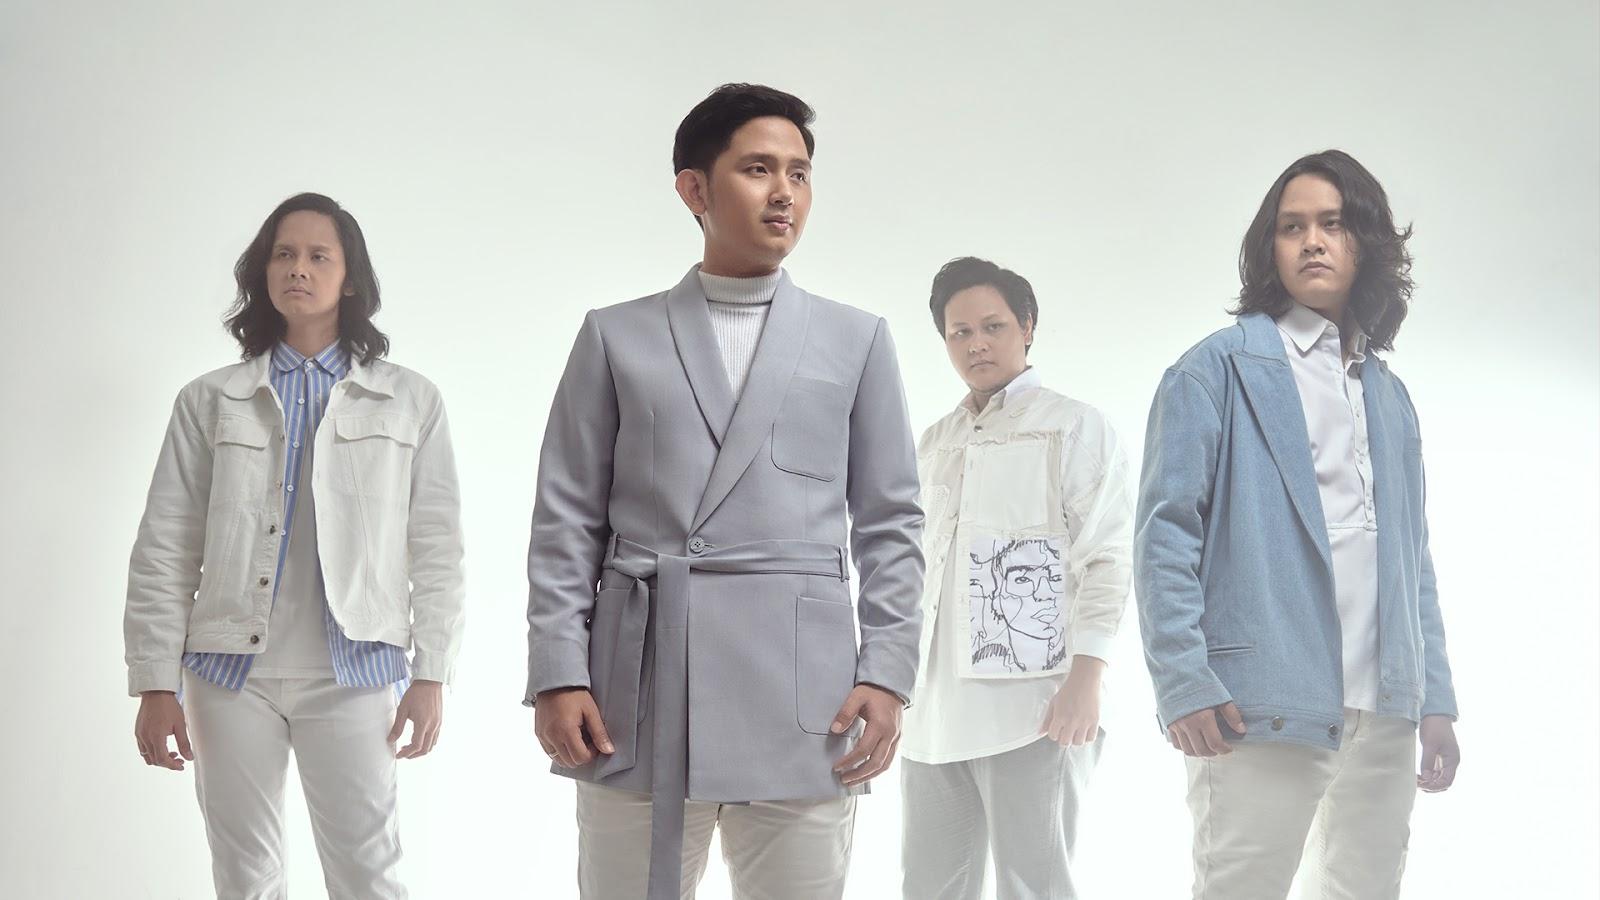 Kanda Brothers Rilis Single Hello Sebagai Perkenalan Diri